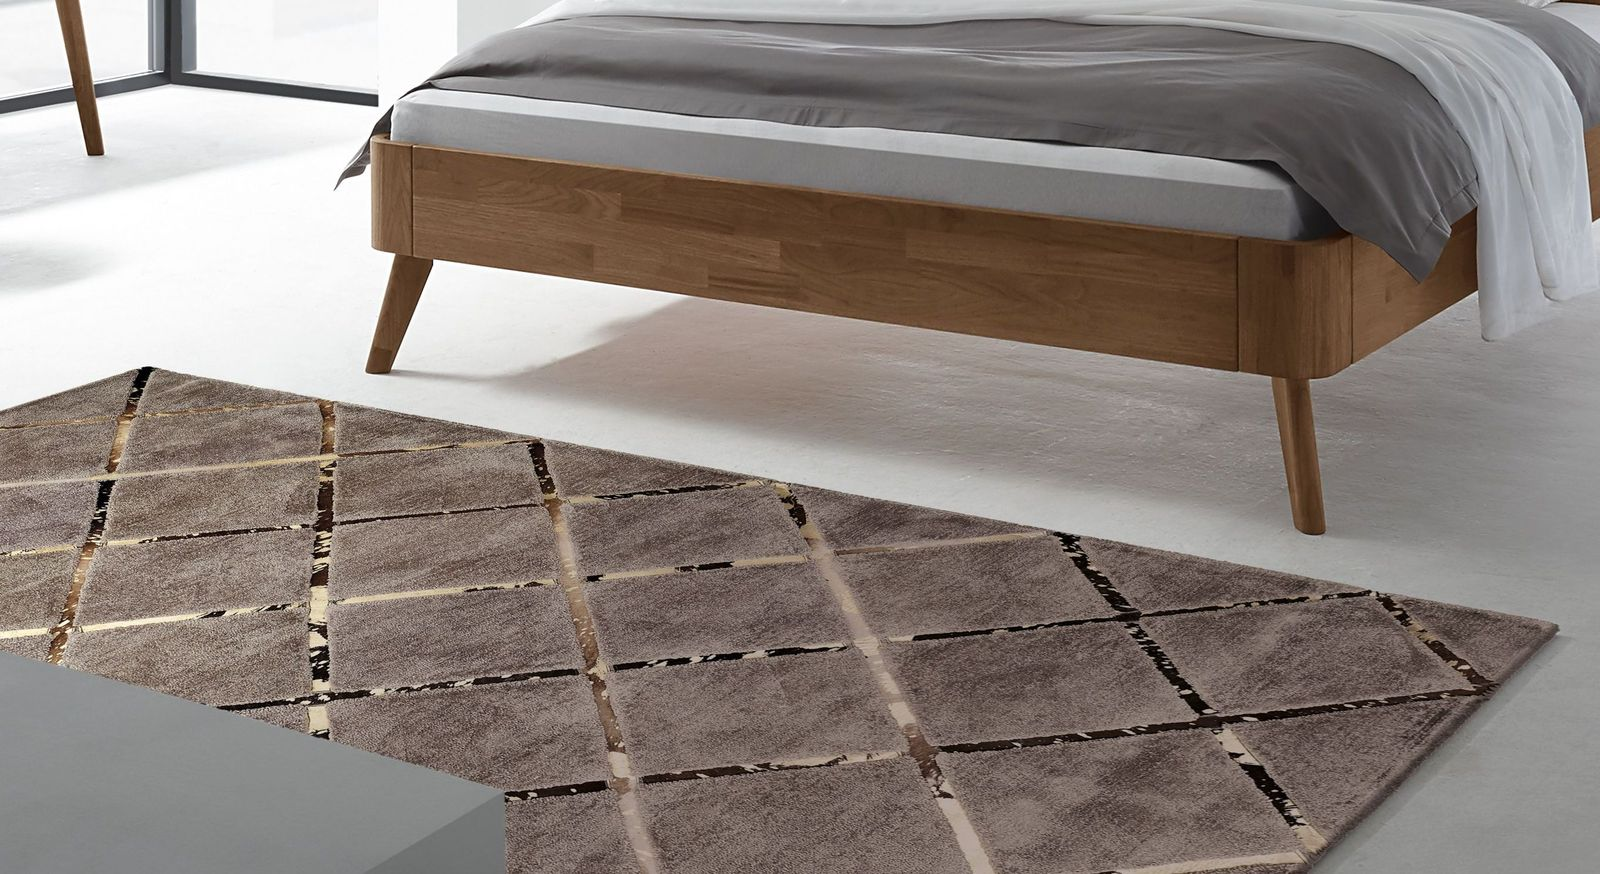 Full Size of Hochwertiger Teppich In Elegantem Design Square Bettende Deckenlampe Schlafzimmer Regal Rauch Kommode Wandleuchte Komplett Mit Lattenrost Und Matratze Schlafzimmer Teppich Schlafzimmer